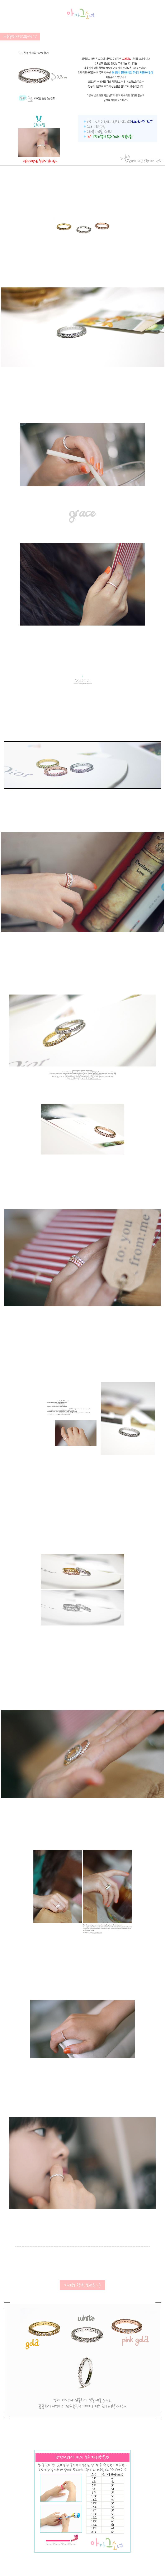 그레이스 반지 - 아까그소녀, 12,000원, 패션, 패션반지